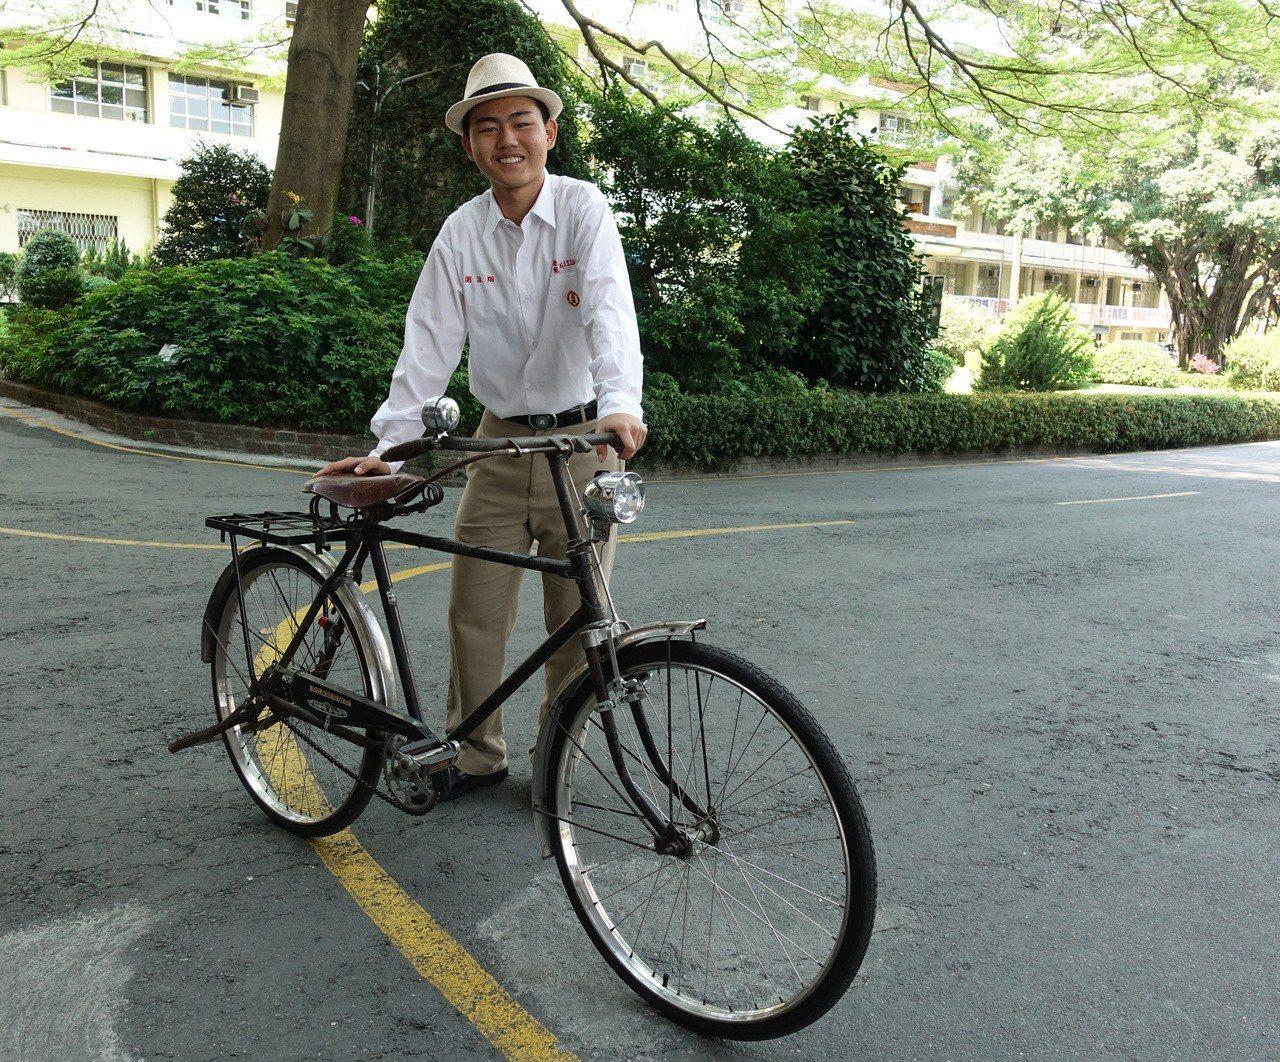 平常放學後,謝詠翔騎著爸爸朋友送給他的古董級單車四處兜風。記者劉星君/攝影